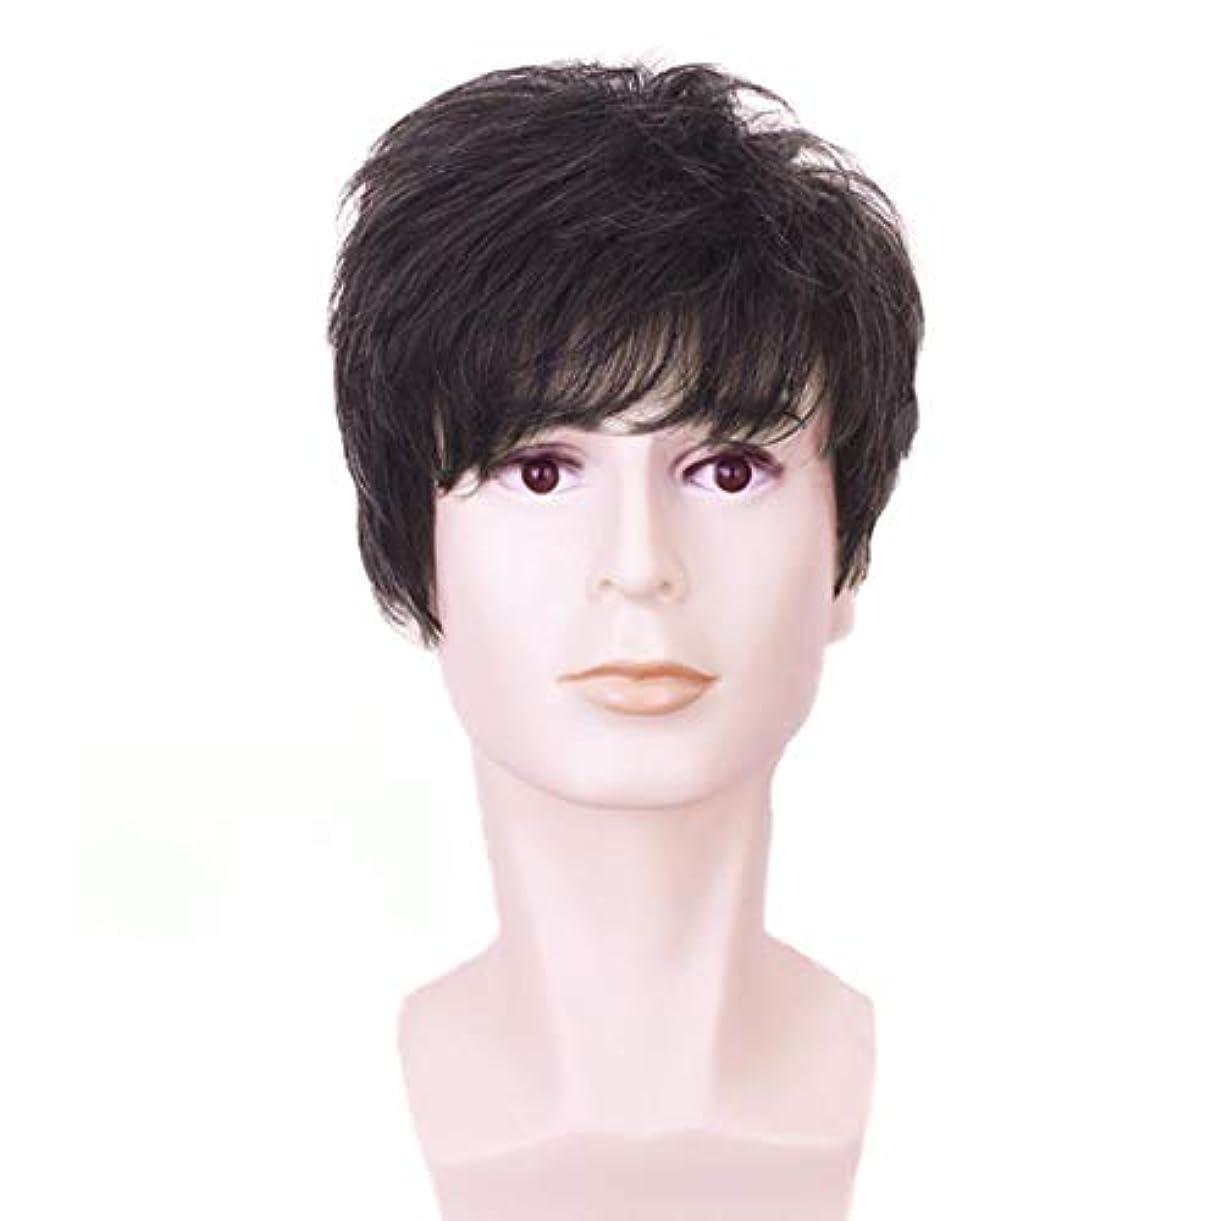 前百万最終的にYOUQIU メンズ男性ガイウィッグショートレイヤー波状ハロウィンコスプレパーティーの髪10